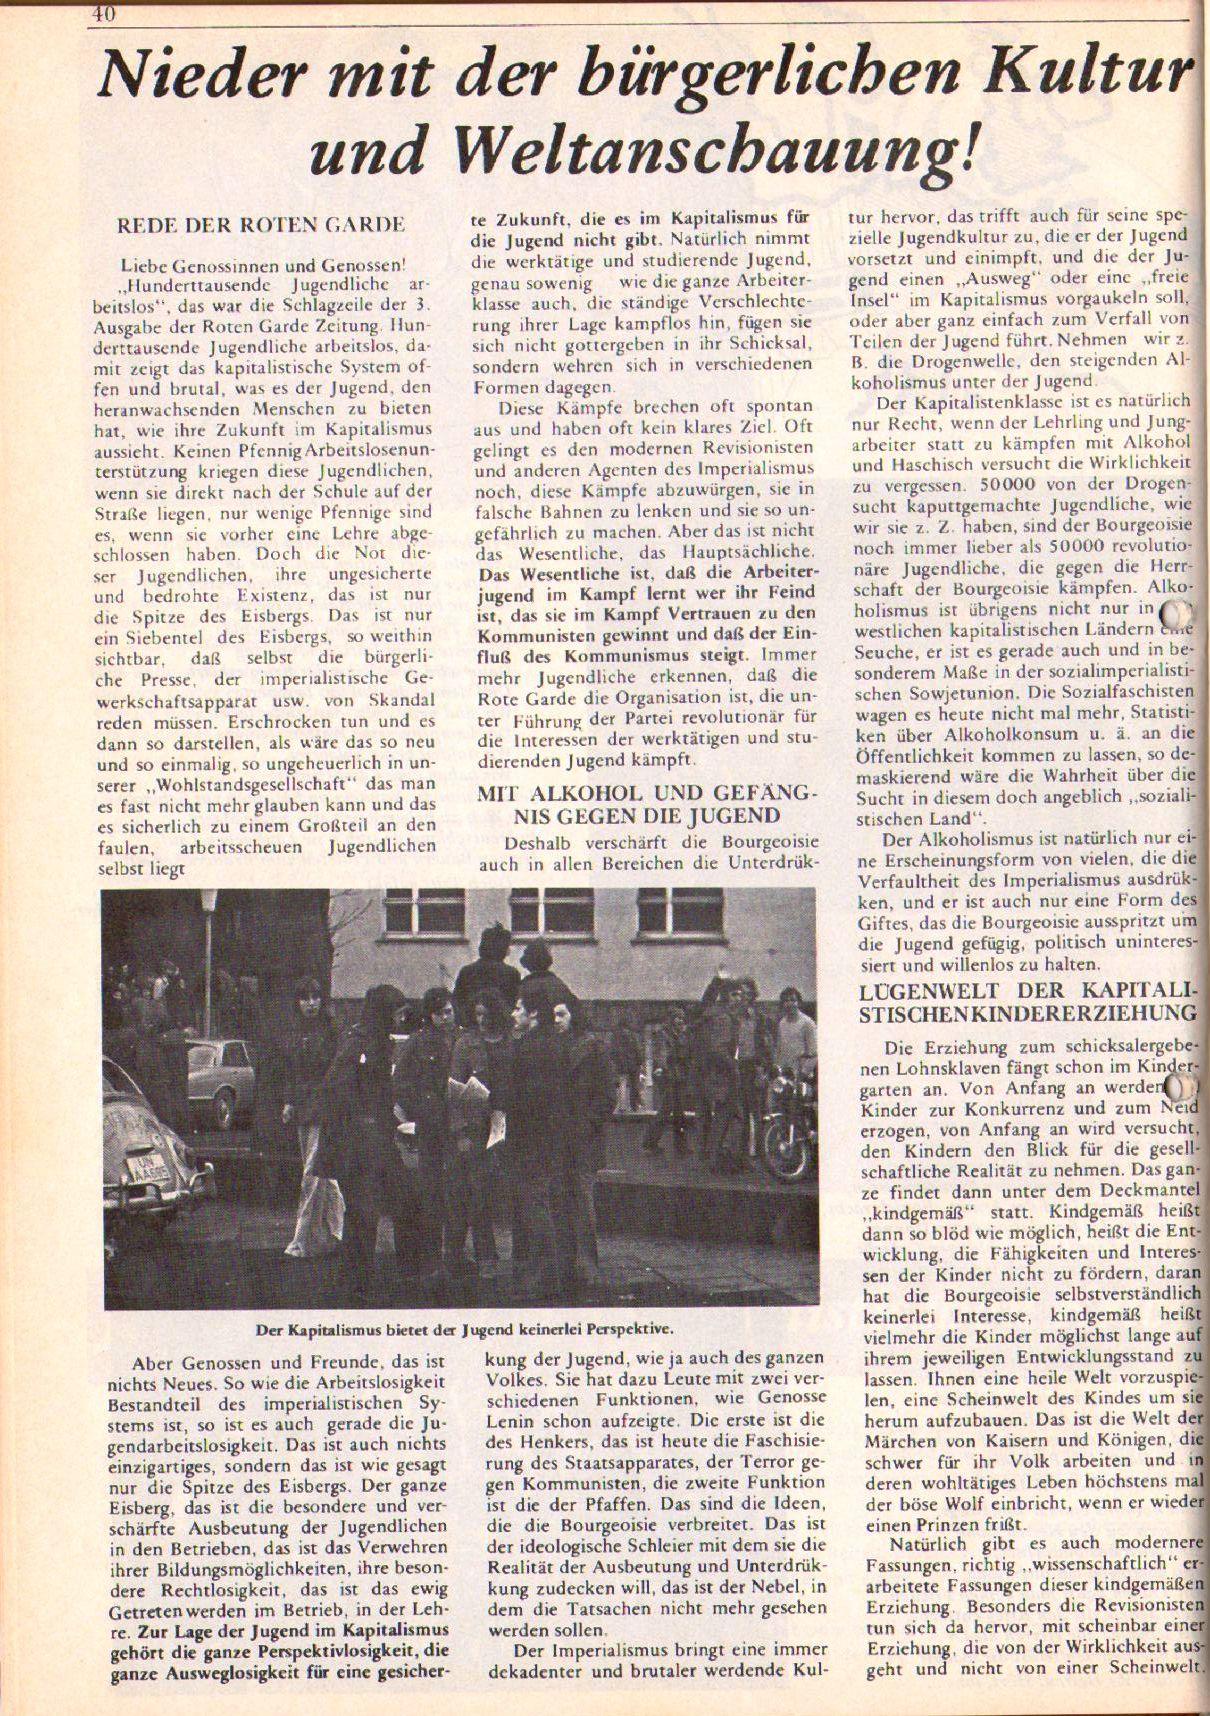 RGZ_1975_06_Sondernummer_38